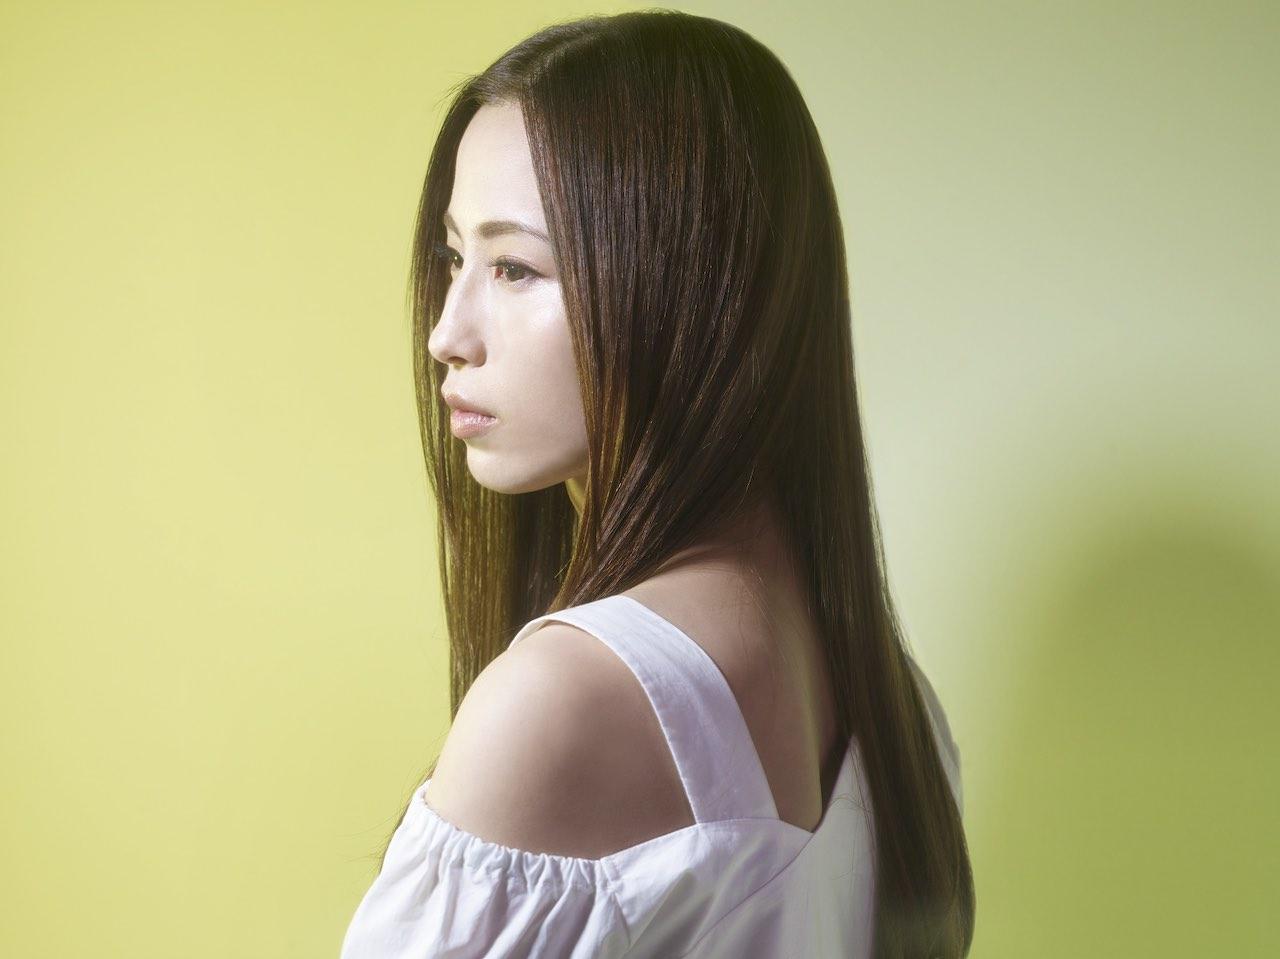 Uru、ニューシングル「Love Song」にAmPmプロデュース曲、「勿忘」のカバーも収録!